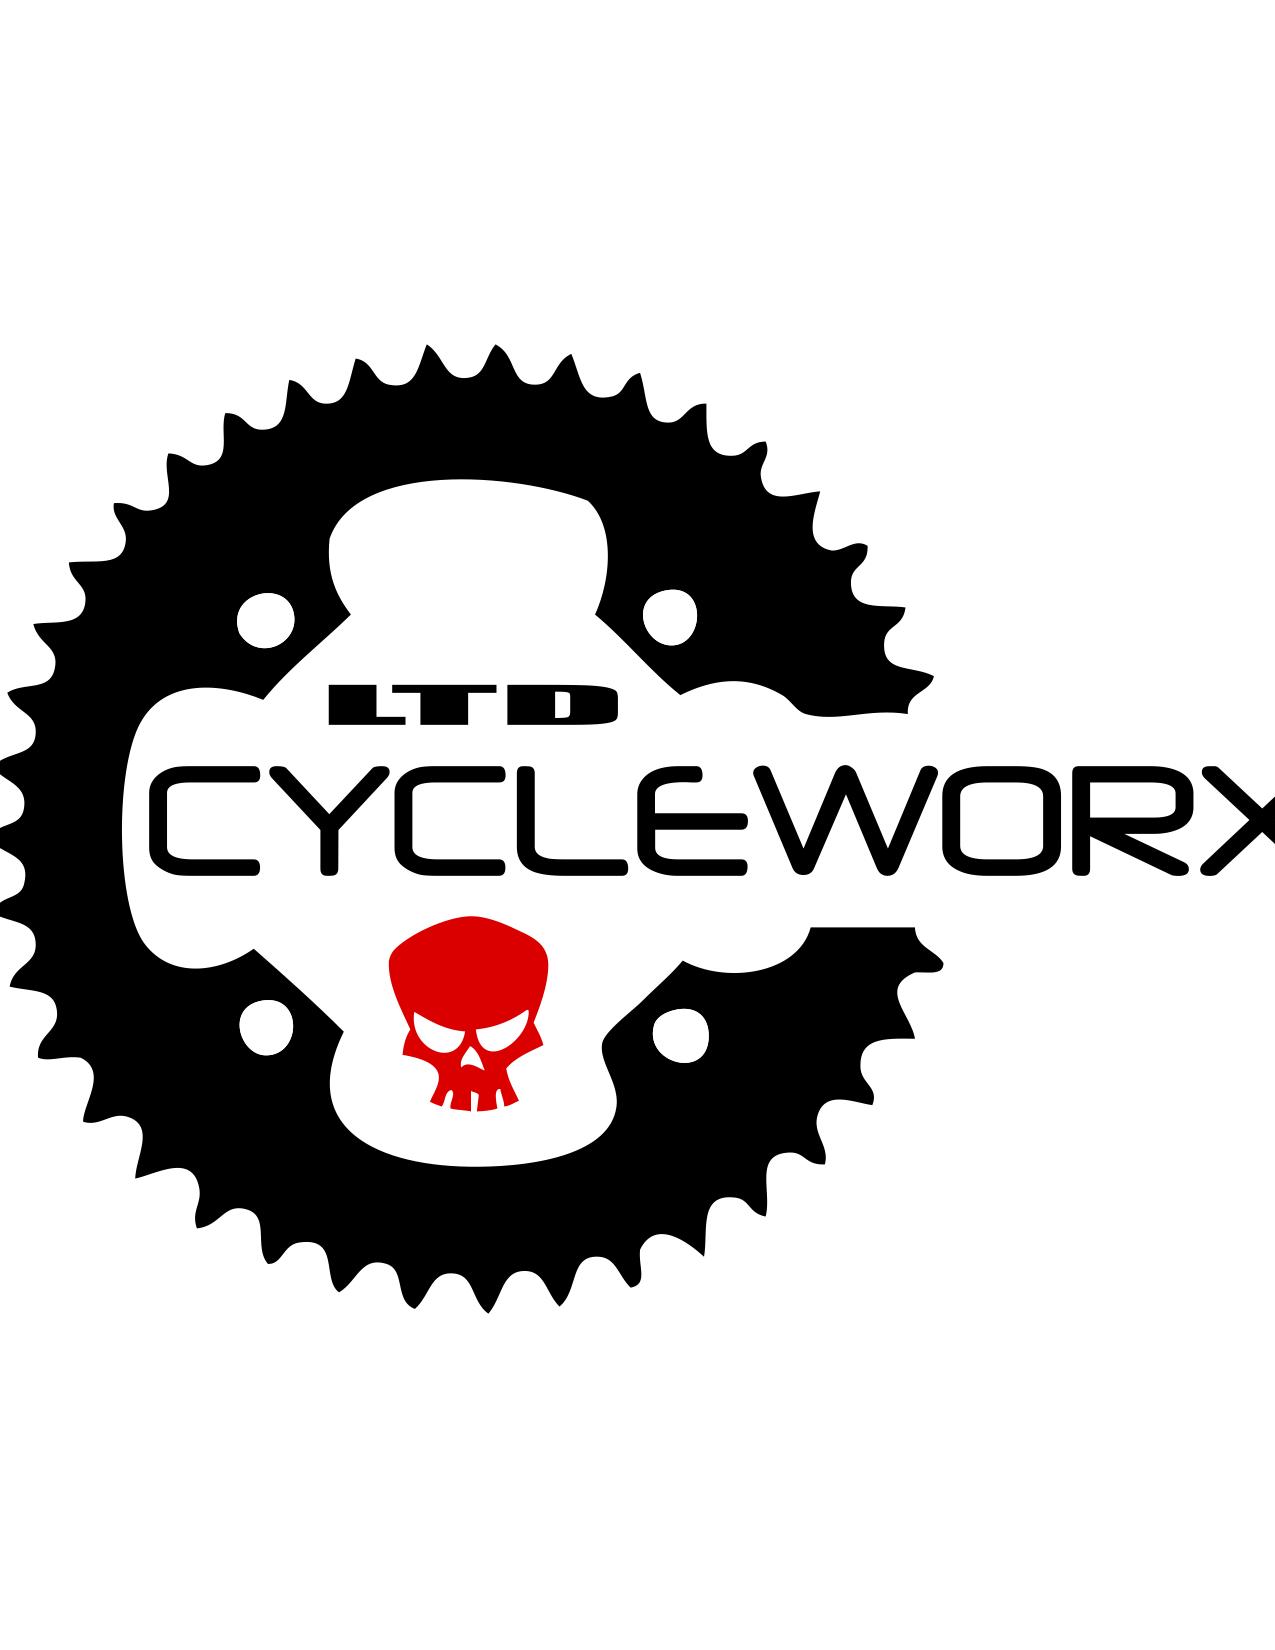 Cycleworx_logo.png